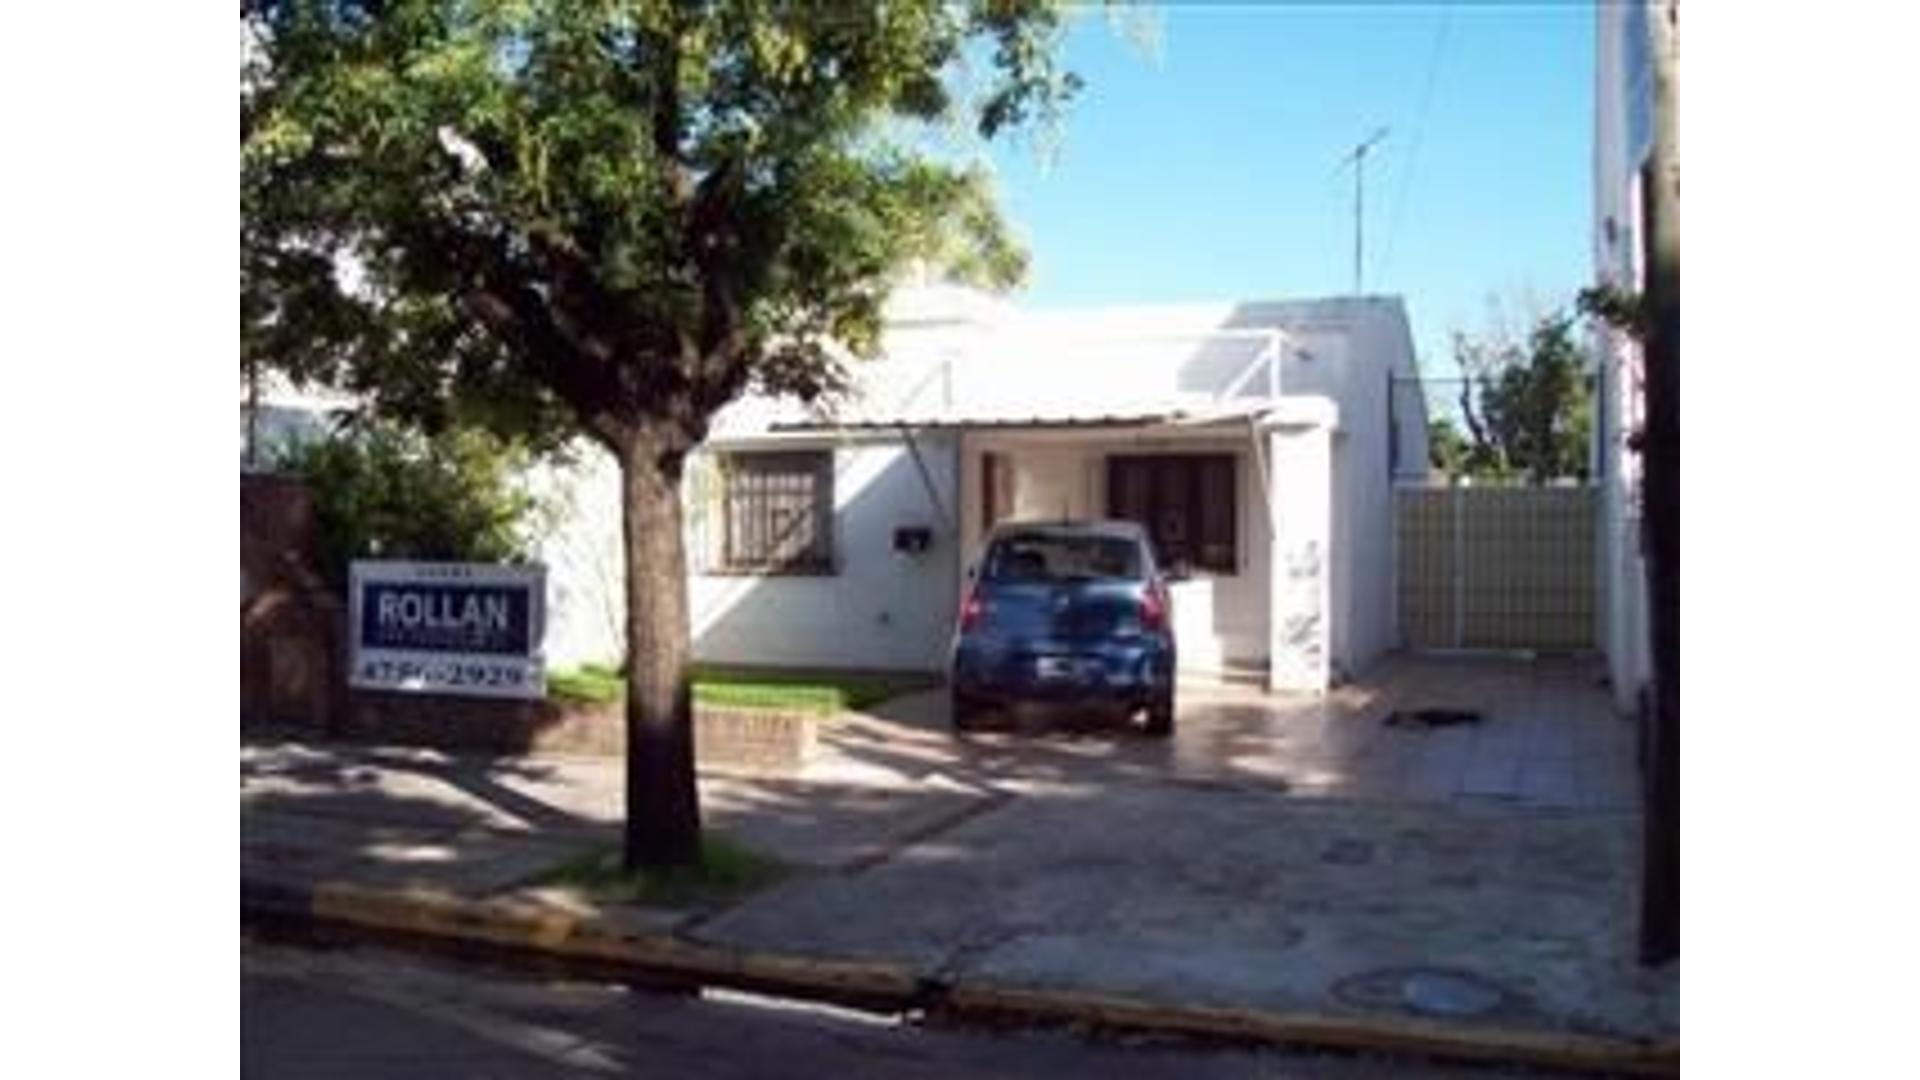 Excelente Chalet de 3 amb. con piscina y amplio jardin libreen venta en Villa Adelina!!